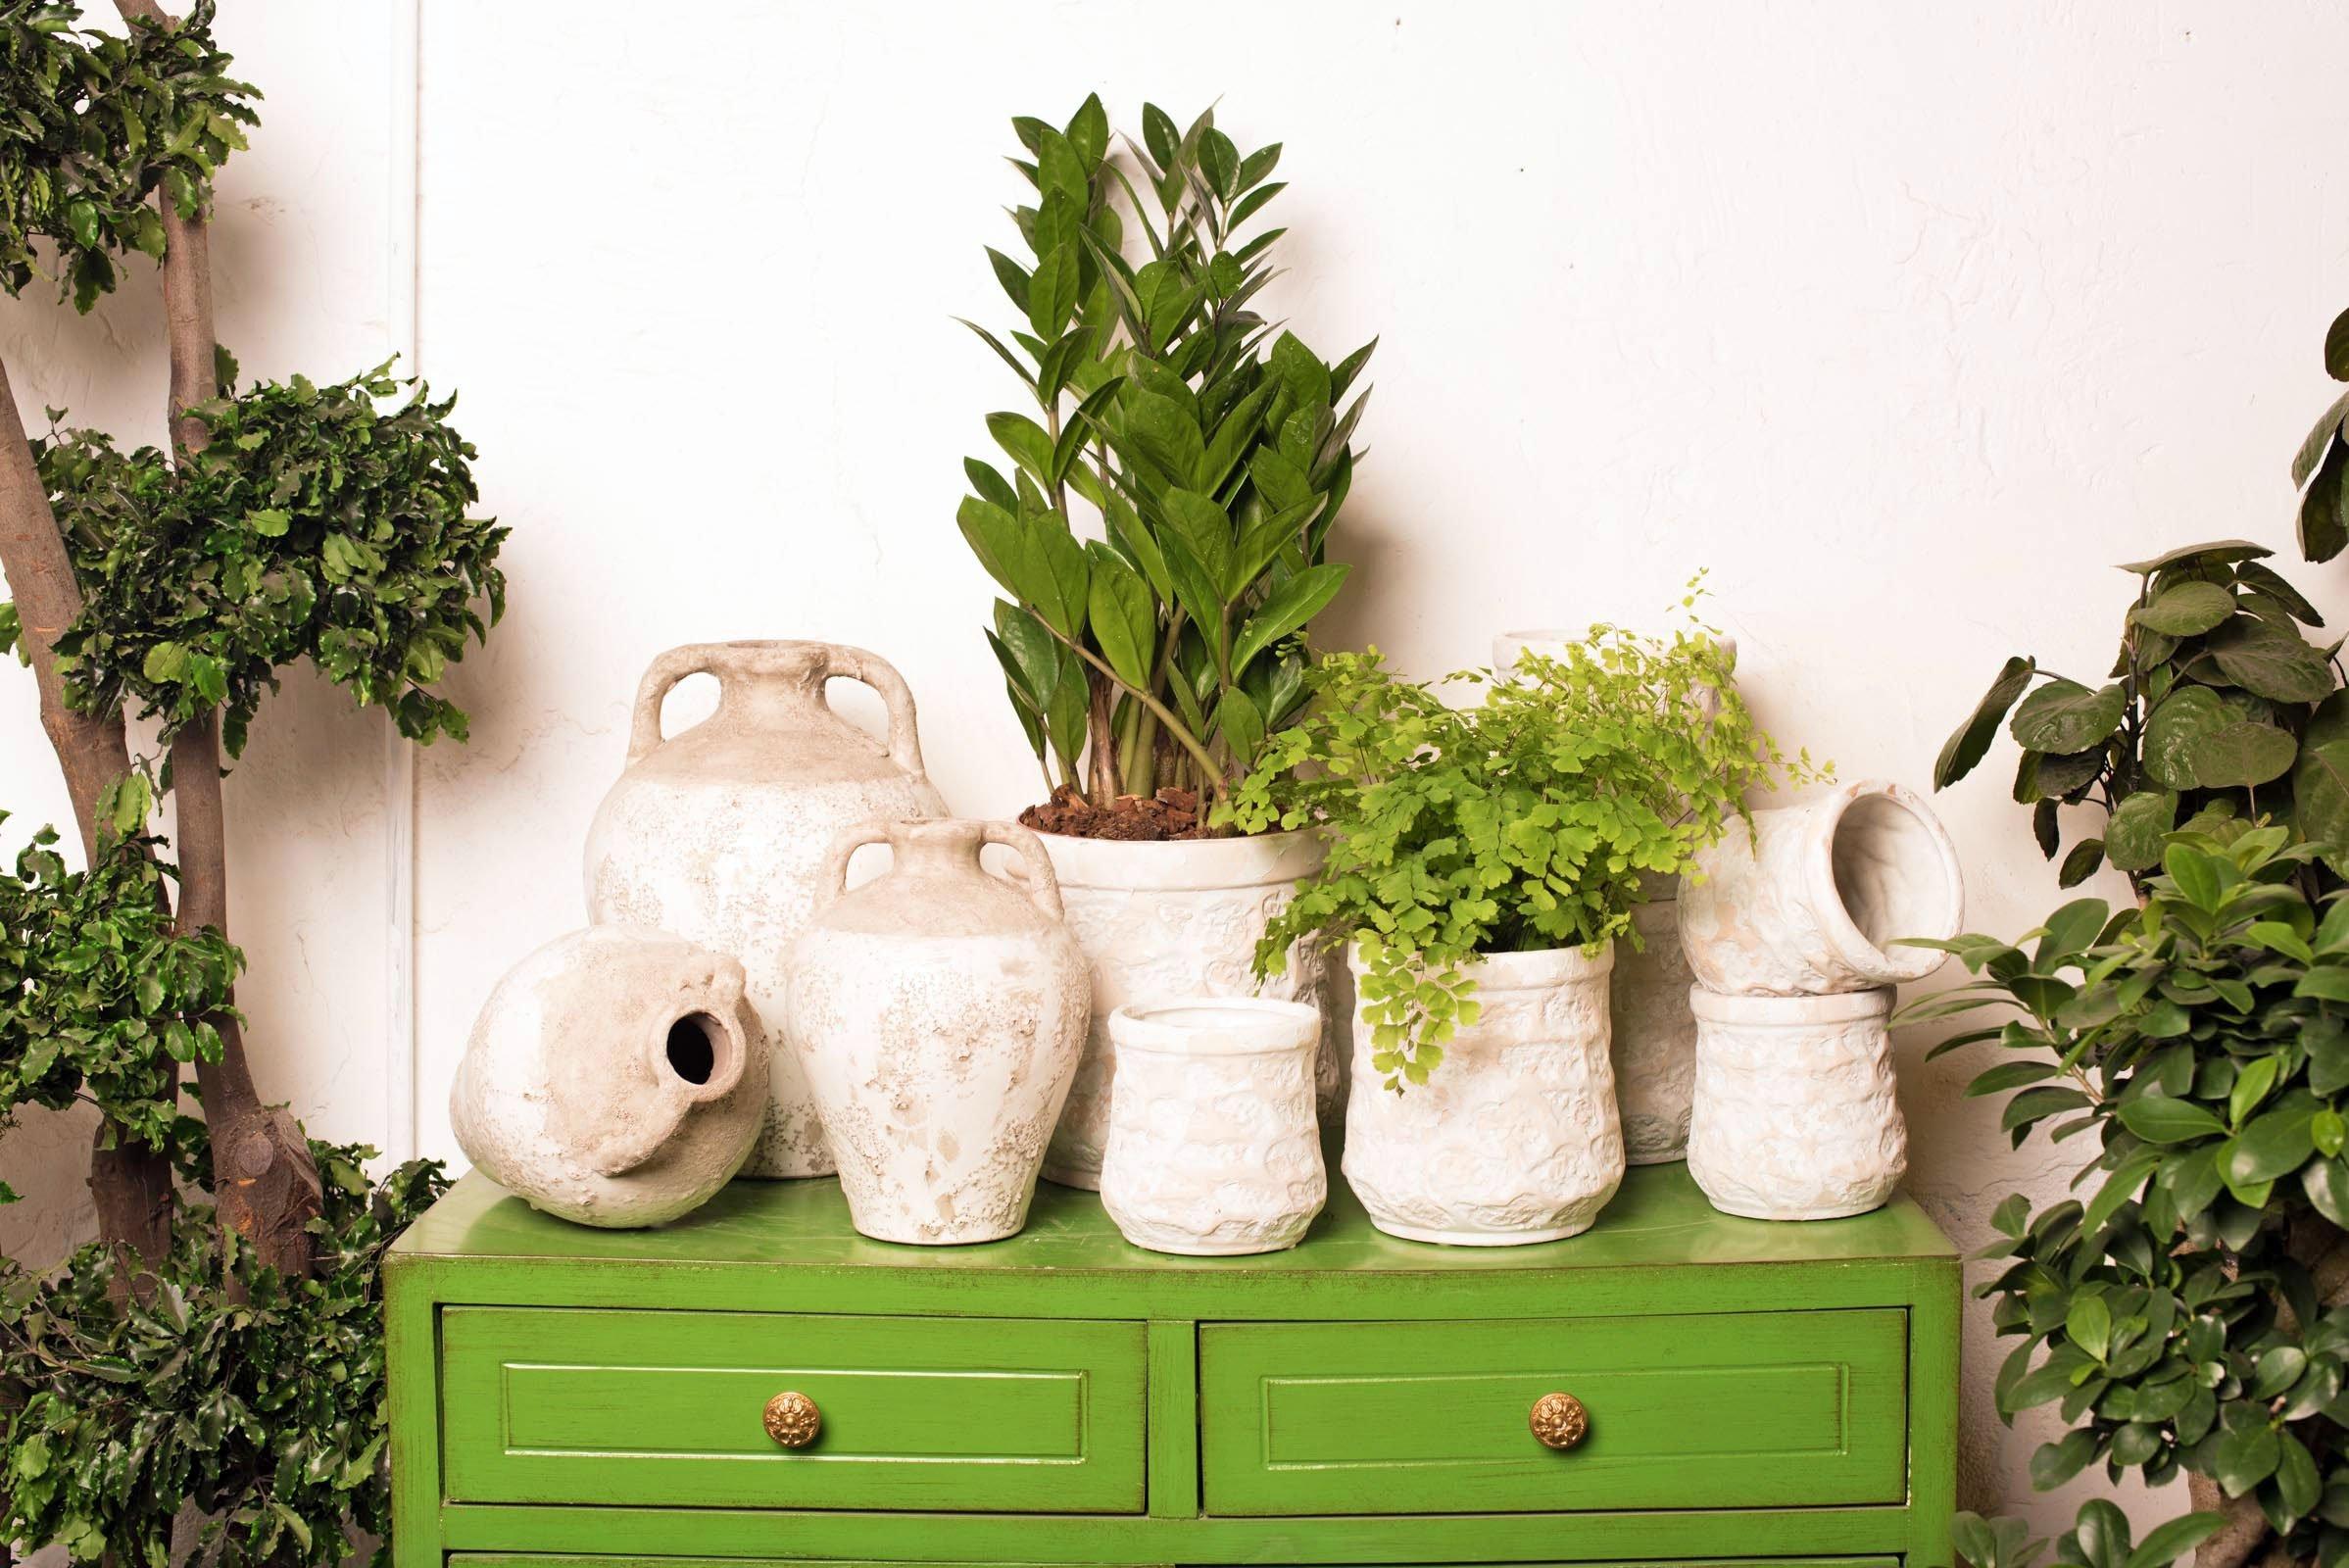 Mueble verde con macetas y Plantas - Margarita Se Llama Mi Amor -  Floristería en Madrid 5092c4501c251